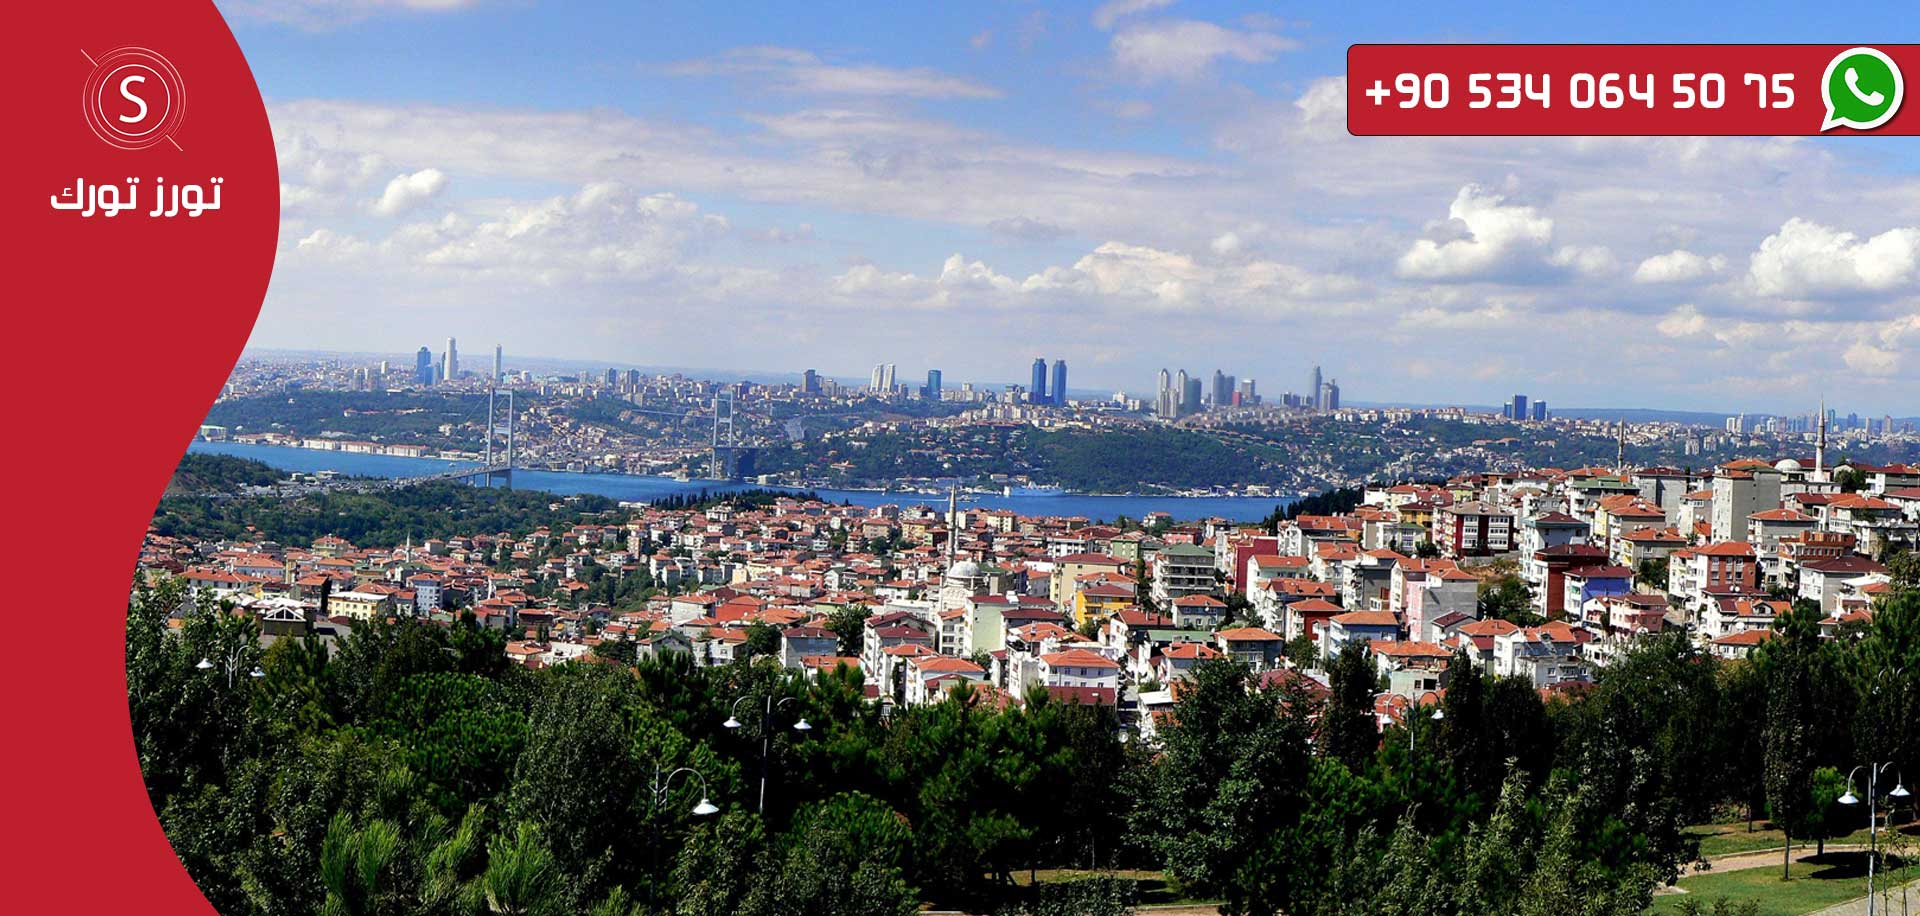 اماكن سياحية في اسطنبول تل العرائس